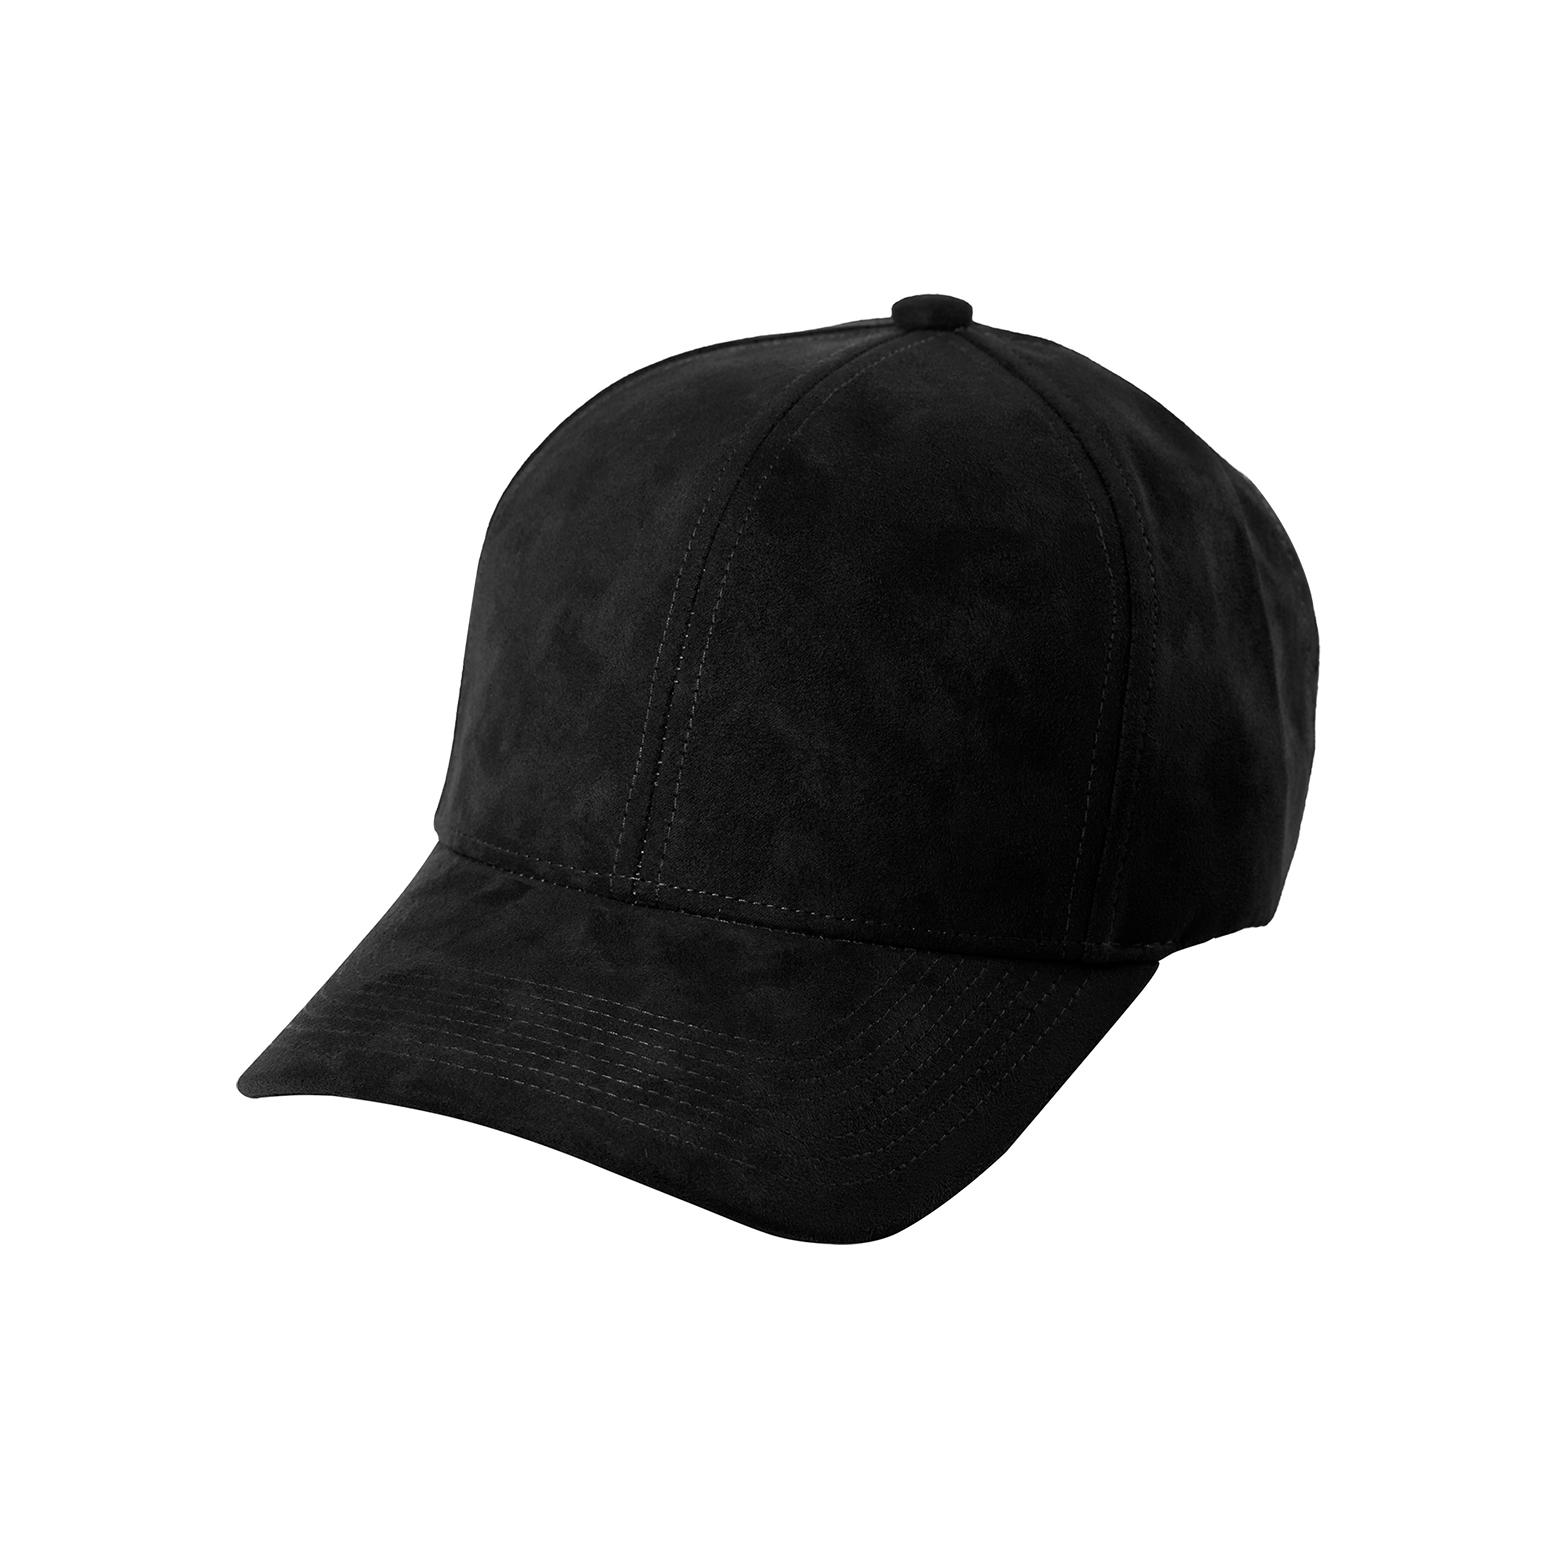 BASEBALL CAP BLACK SUEDE FRONT SIDE